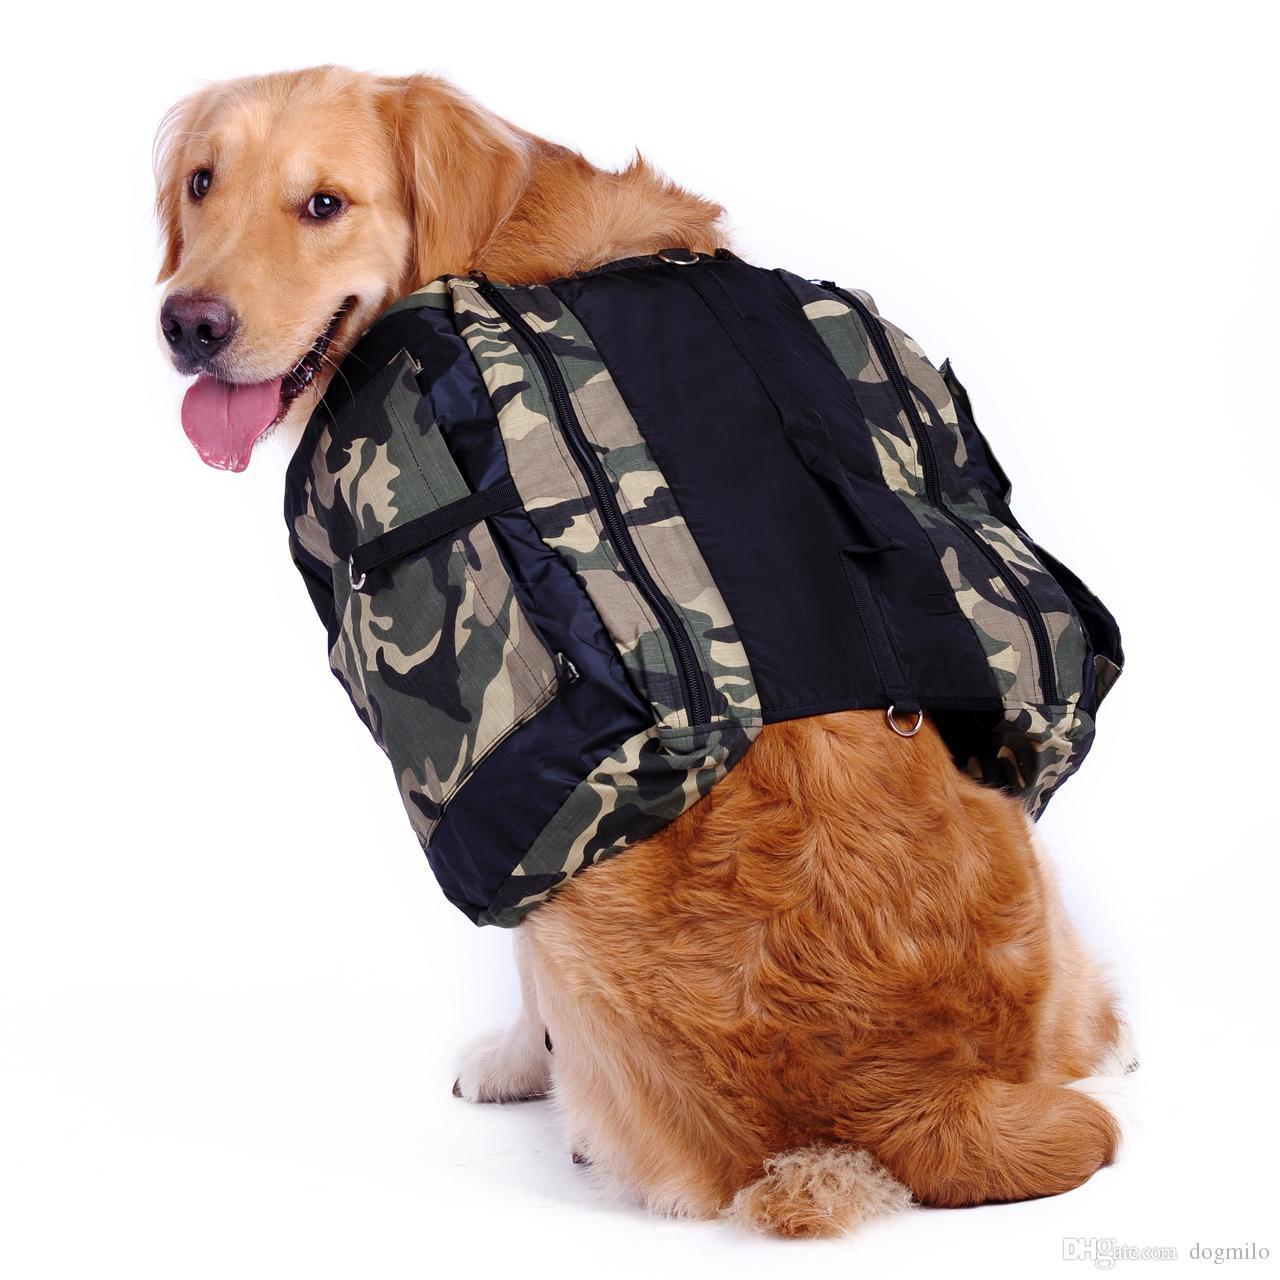 في تعديل قماش التمويه الكلب حقيبة الصدر حقيبة سرج حقيبة التدريب التخييم المشي المشي التدريب مساحة كبيرة تحمل الغذاء دري